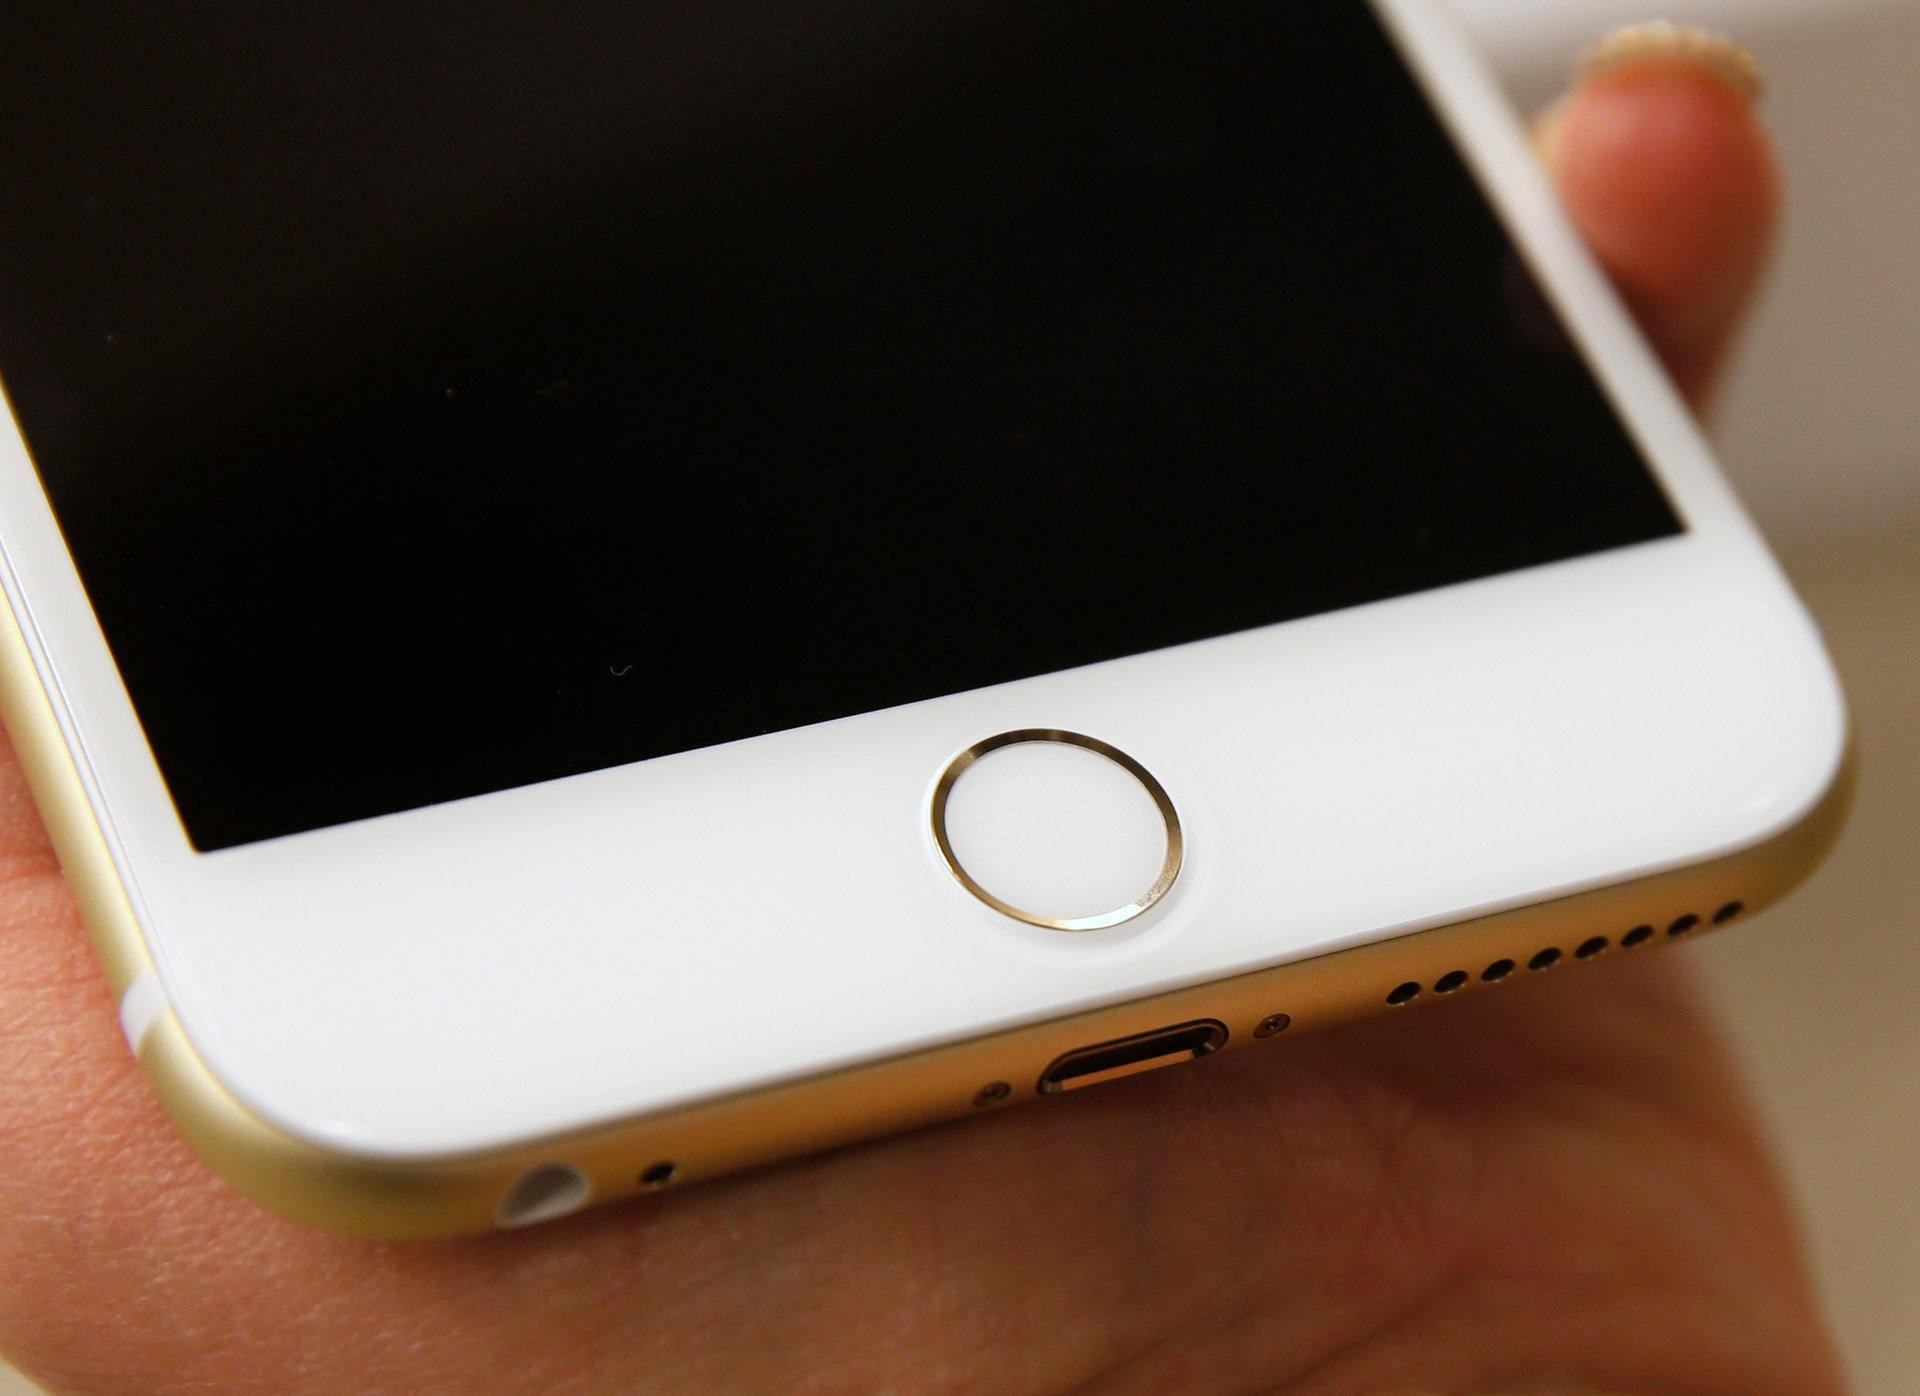 Apple está trabajando en un iPhone con un sensor de huellas digitales detrás de la pantalla